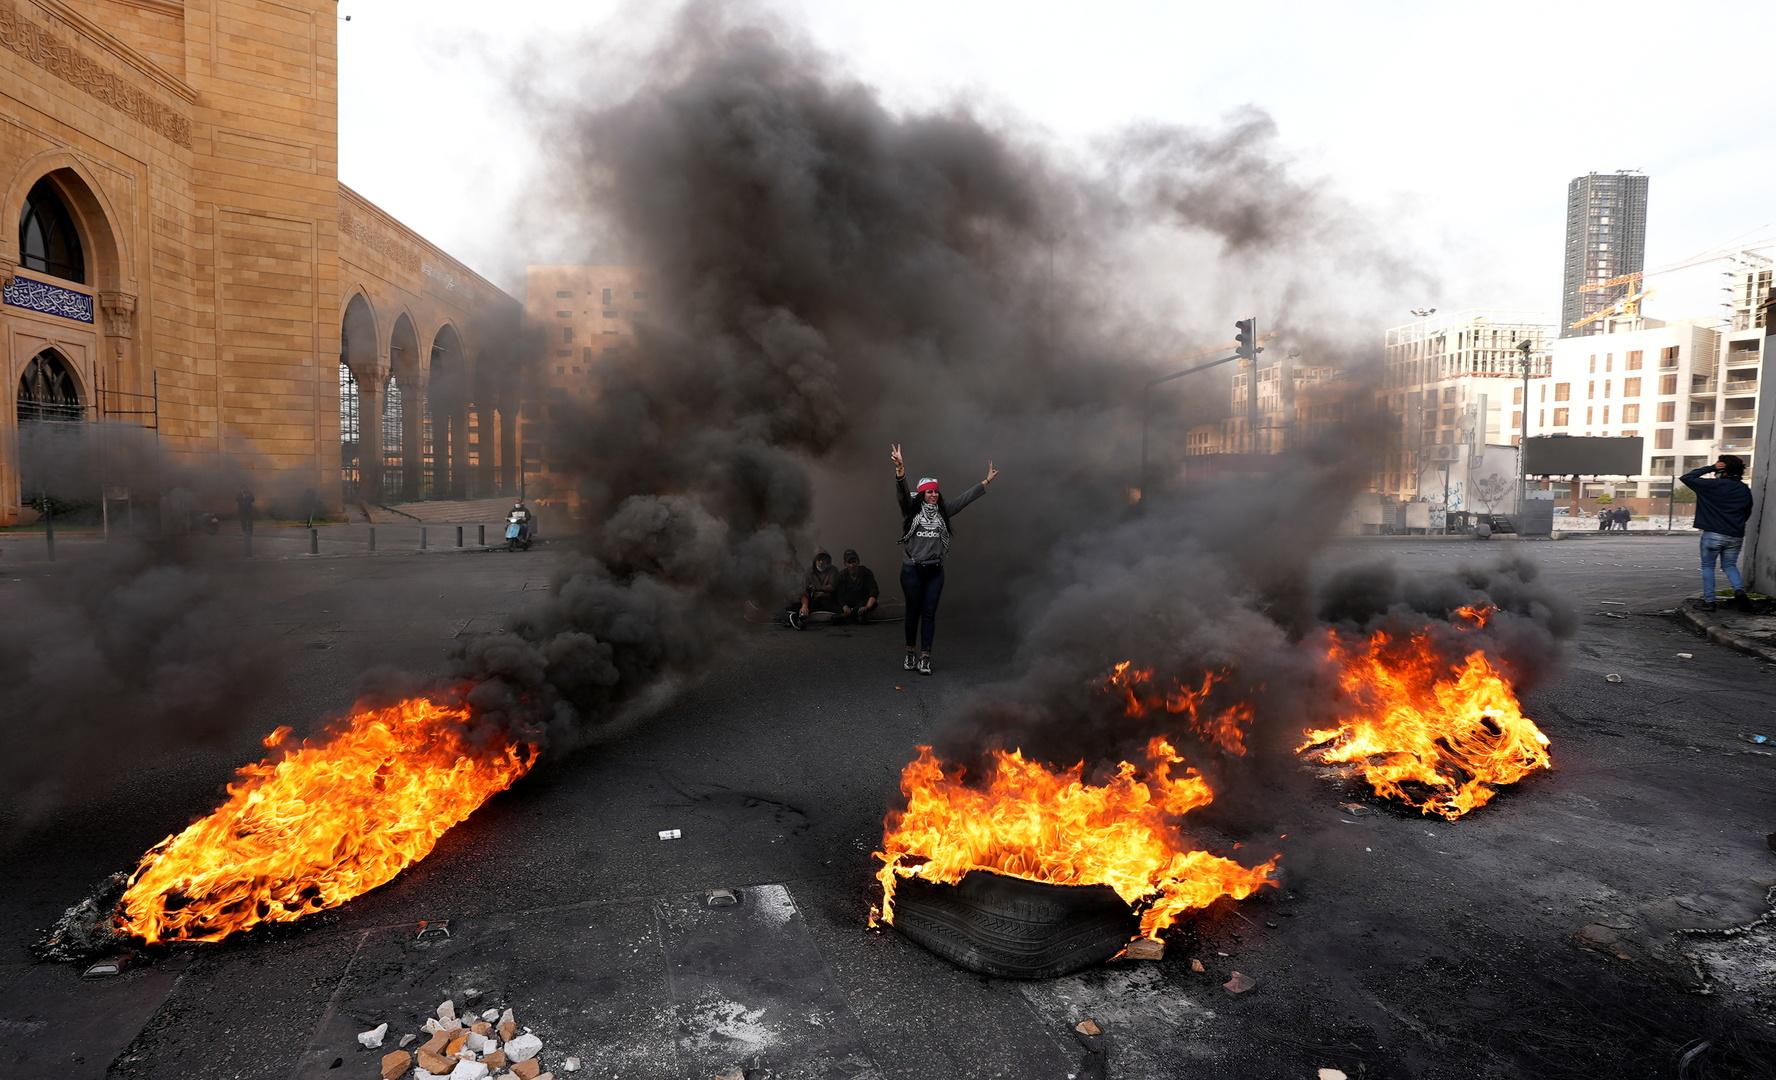 حرق إطارات احتجاجا في العاصمة اللبنانية بيروت